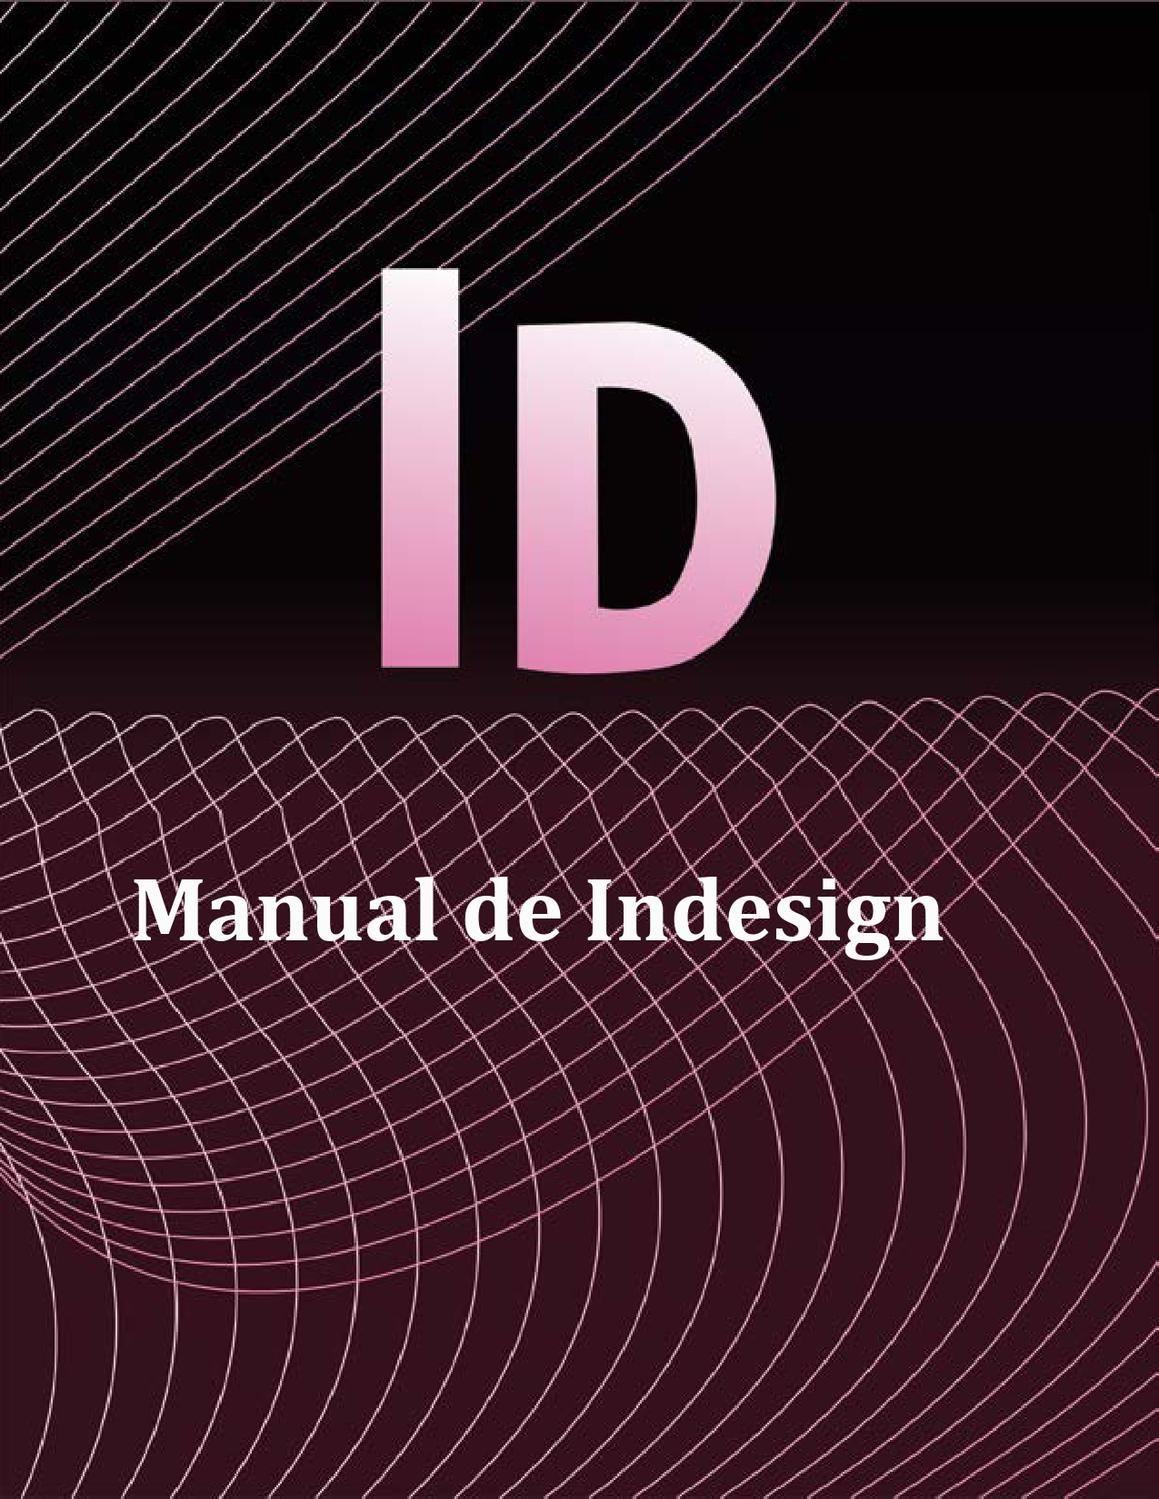 Manual De Indesign Indesign Logos Adidas Logo